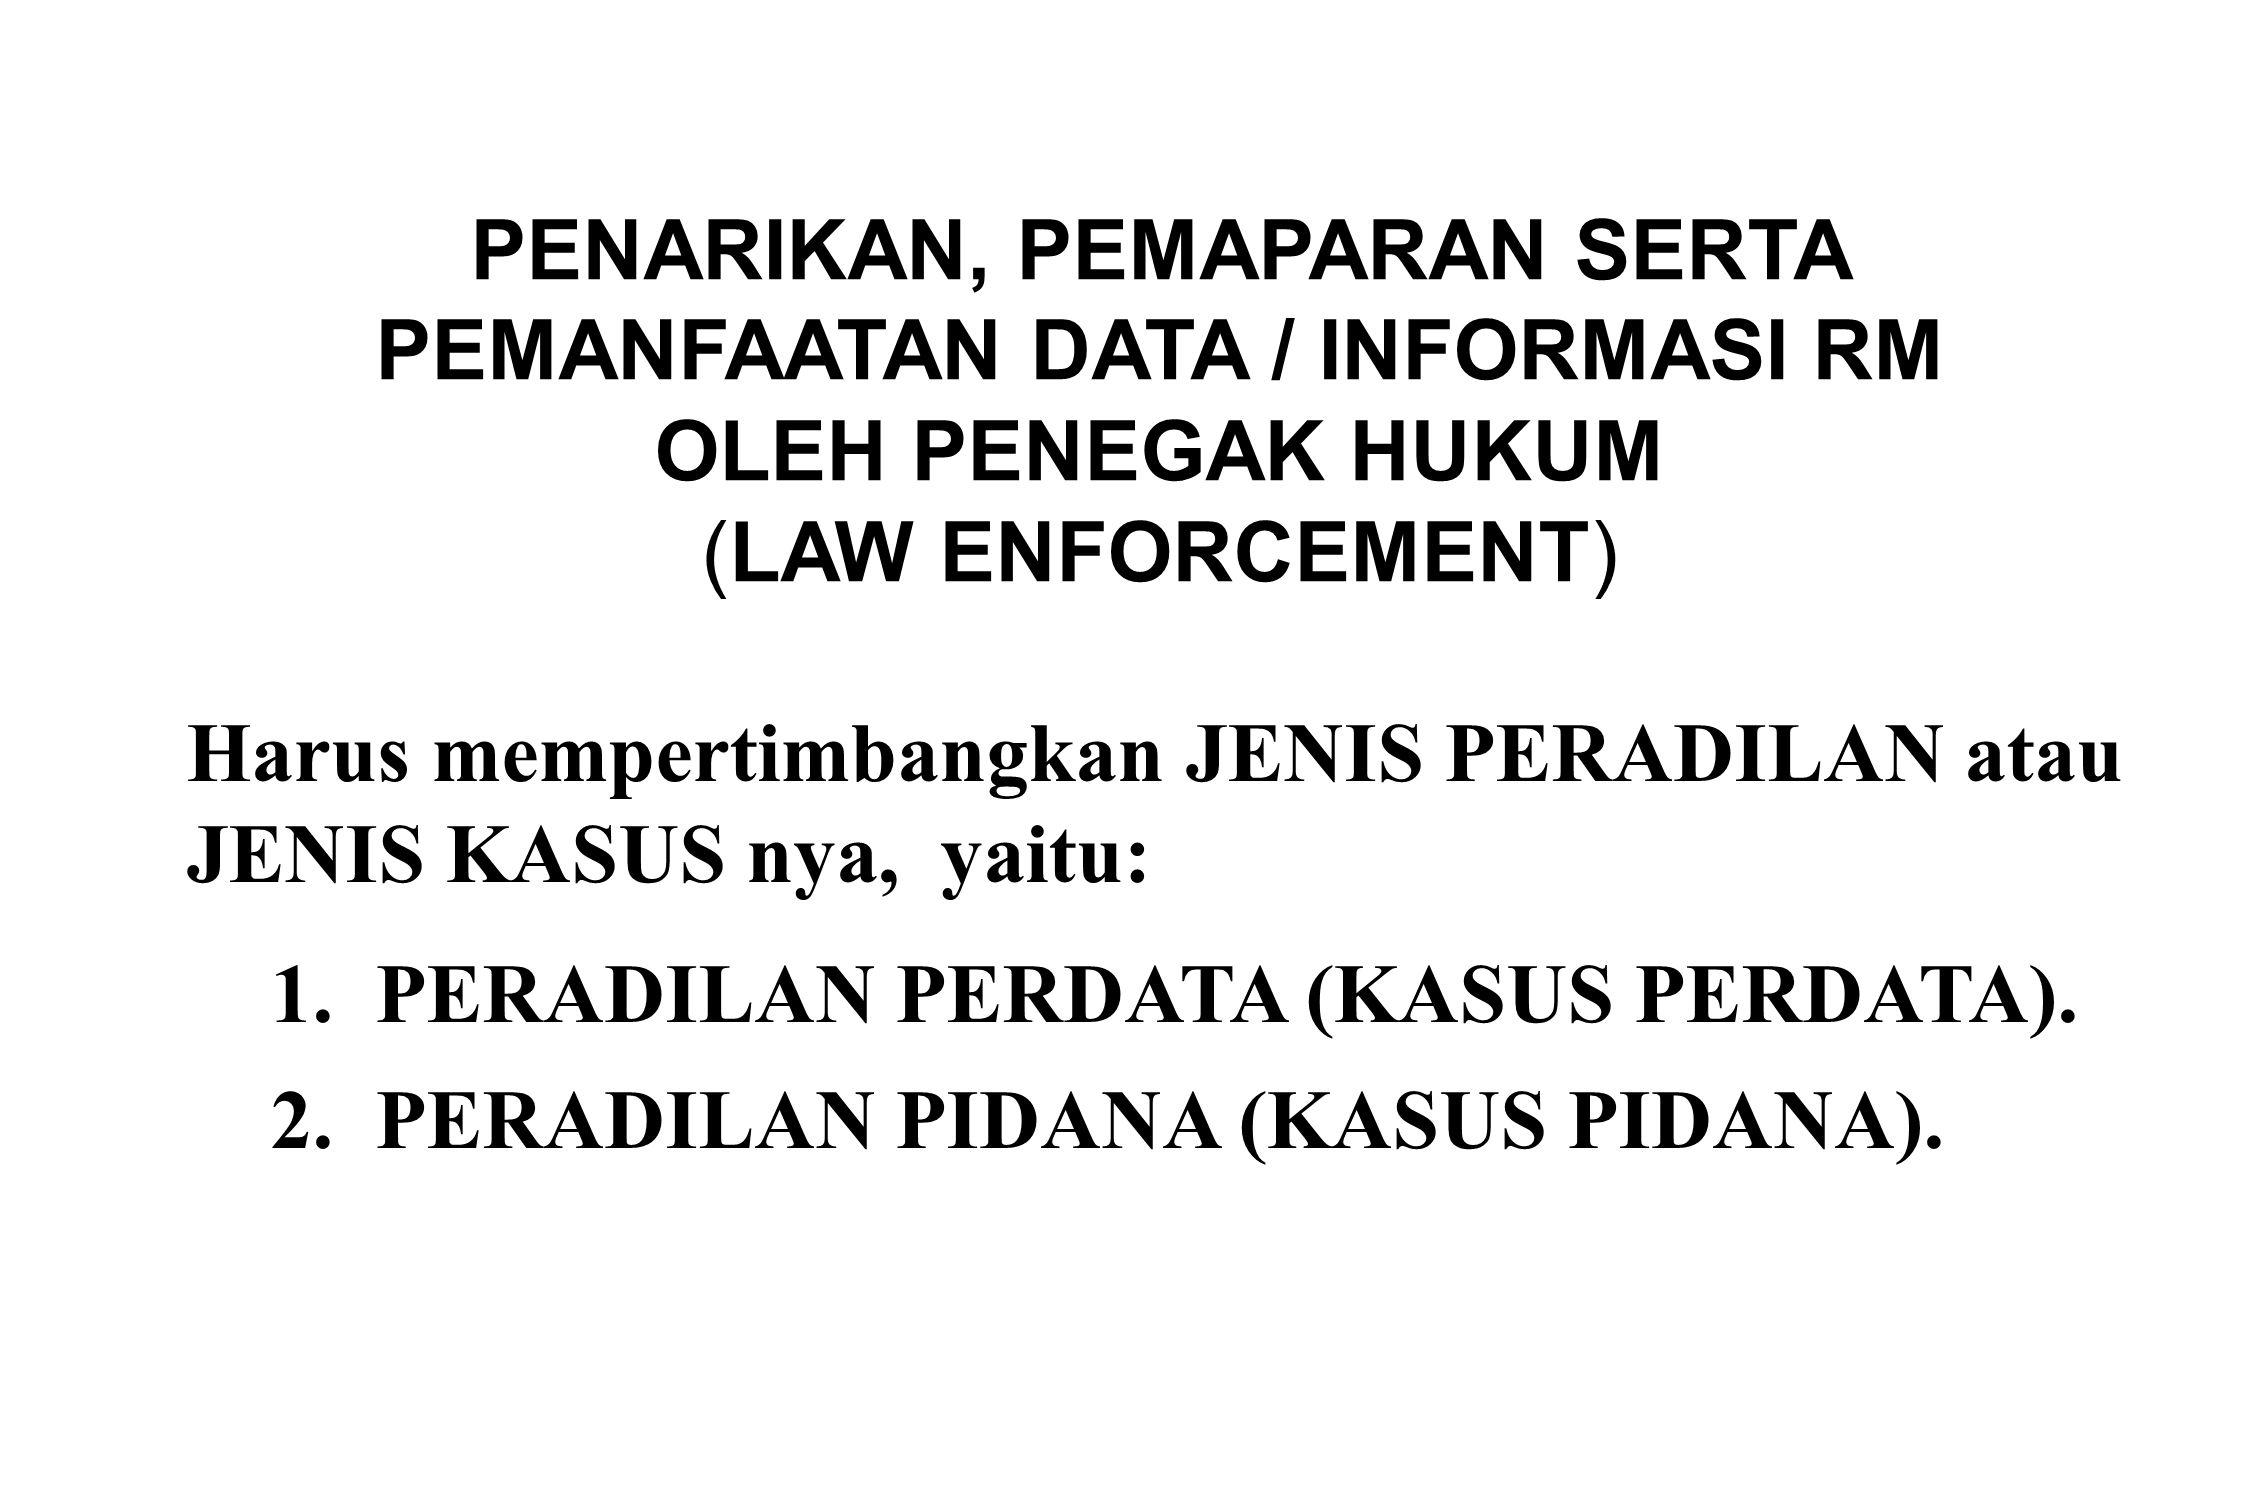 Harus mempertimbangkan JENIS PERADILAN atau JENIS KASUS nya, yaitu: